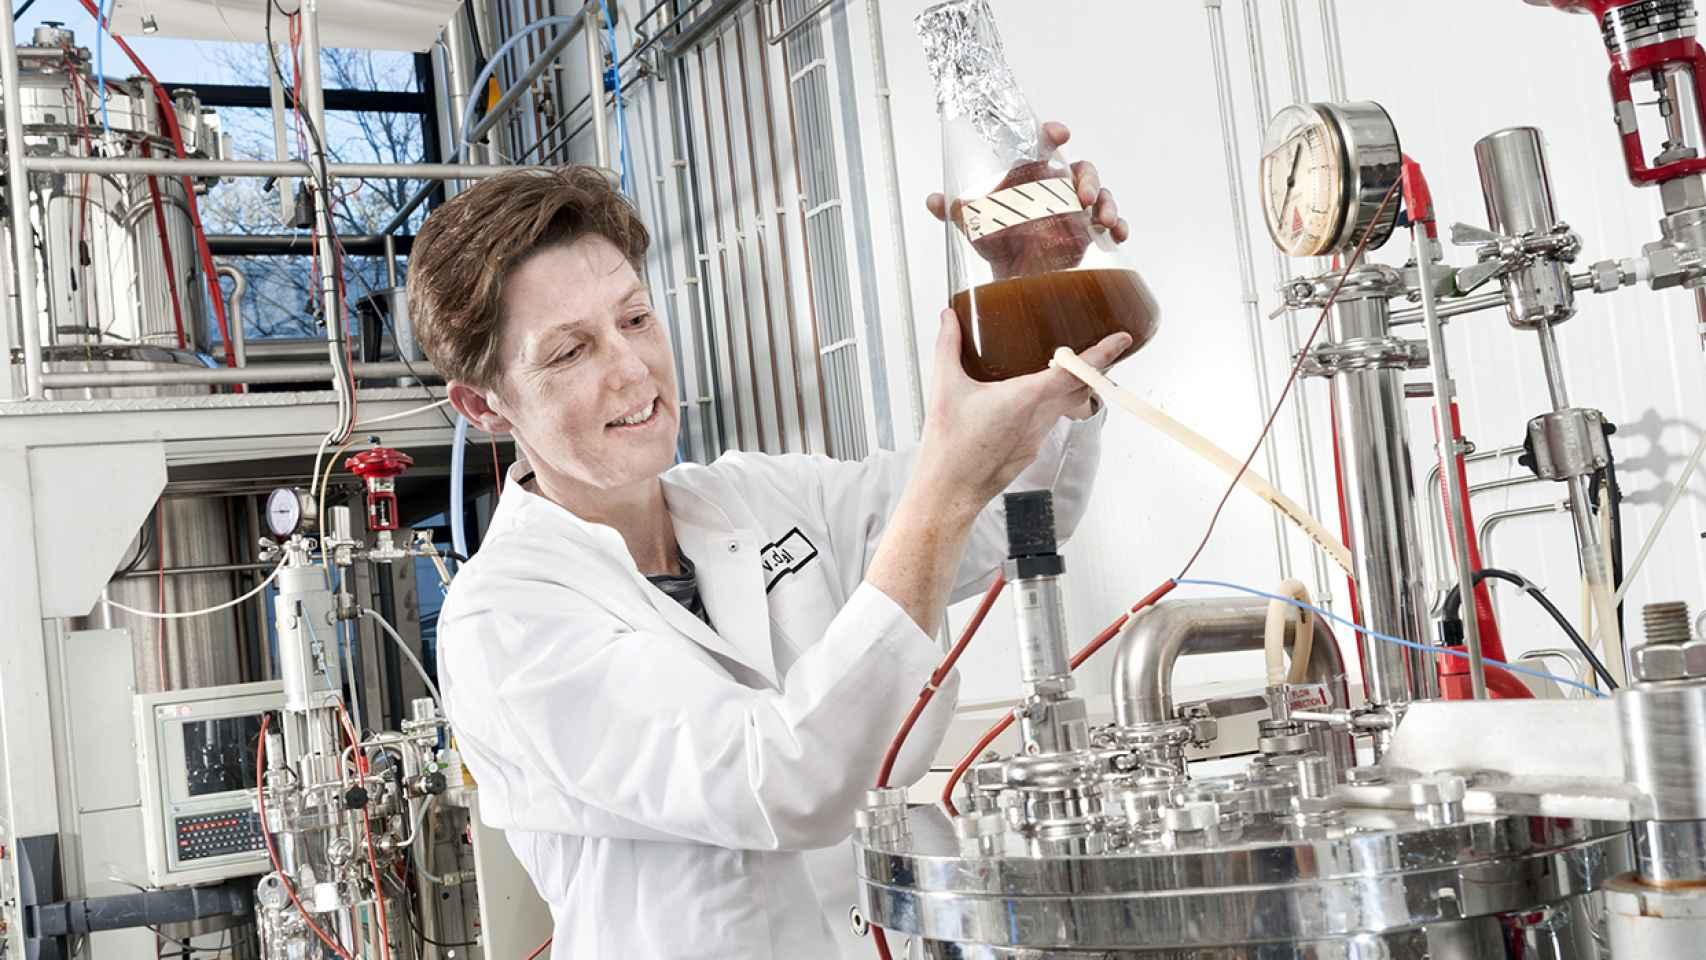 Biorrefinería en la que se pone en práctica la bioeconomía circular del proyecto Urbiofin.